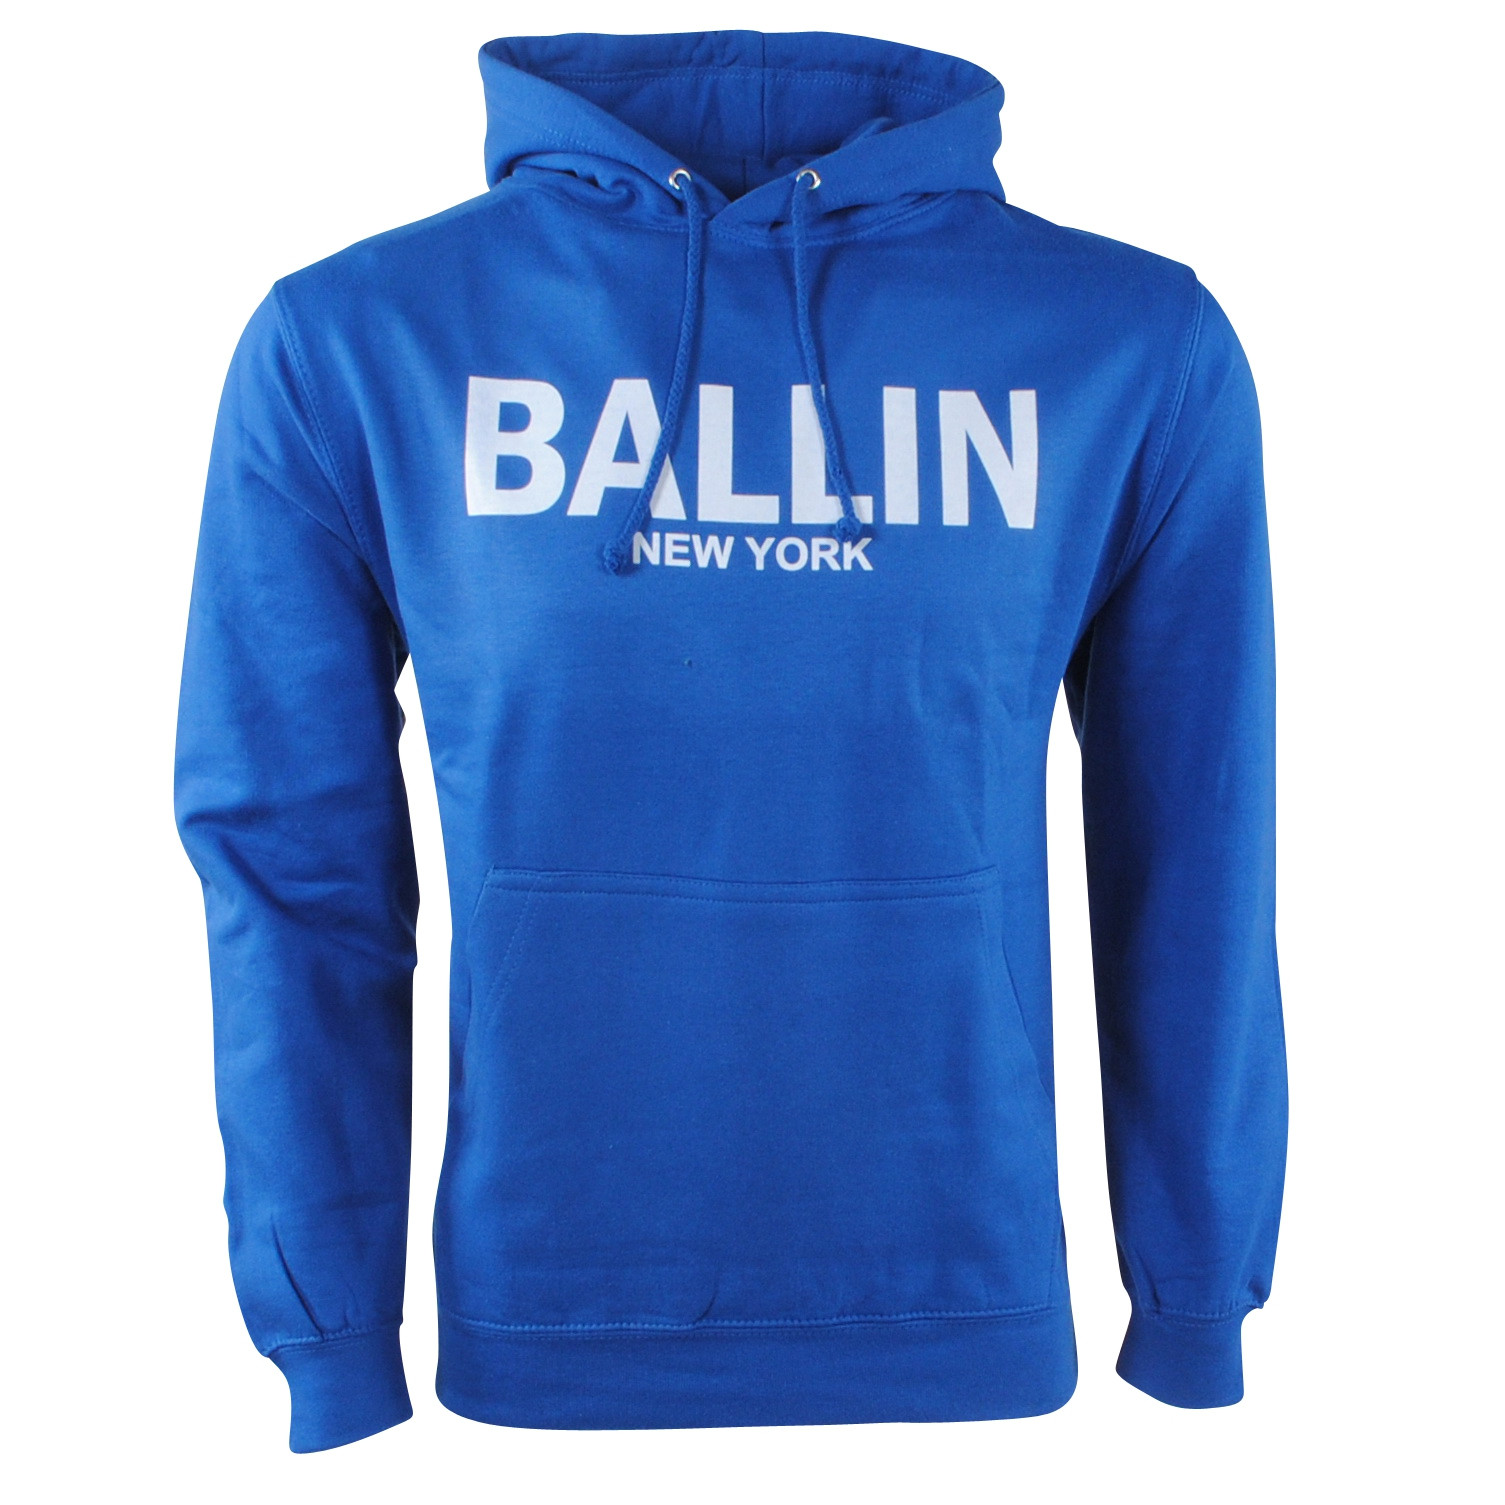 Afbeelding van Ballin New York Heren trui capuchon sweat cobalt blauw